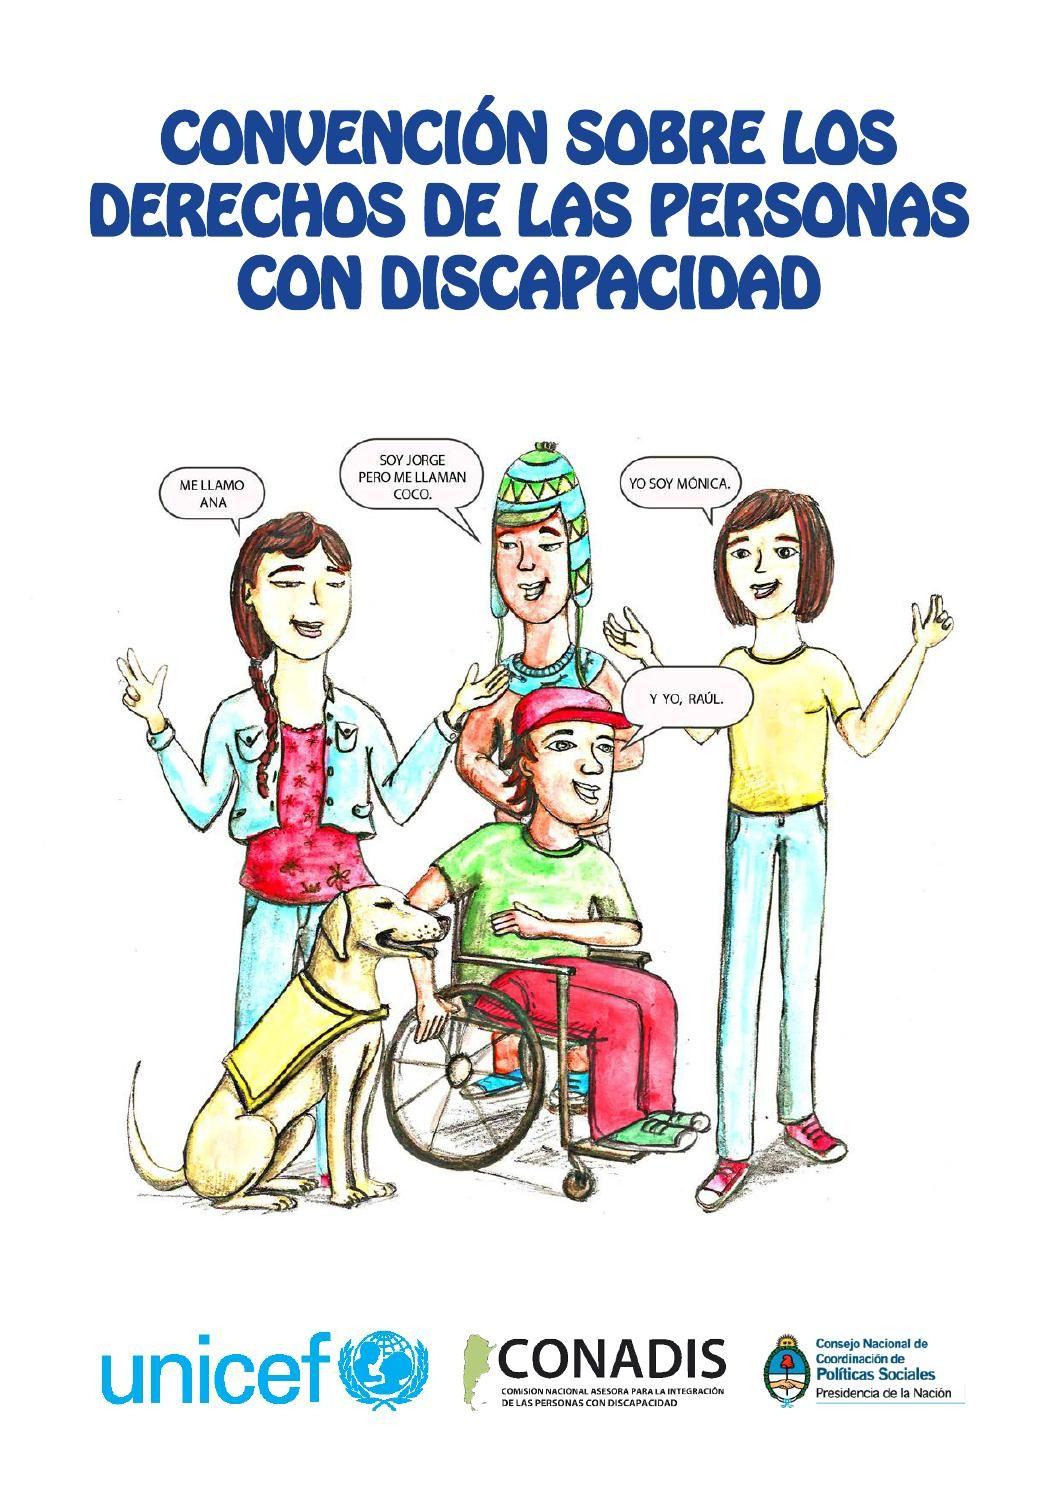 Convencion Sobre Los Derechos De Las Personas Con Discapacidad En Historieta Onu Conadis Unicef Discapacidad Persona Con Discapacidad Integracion Social